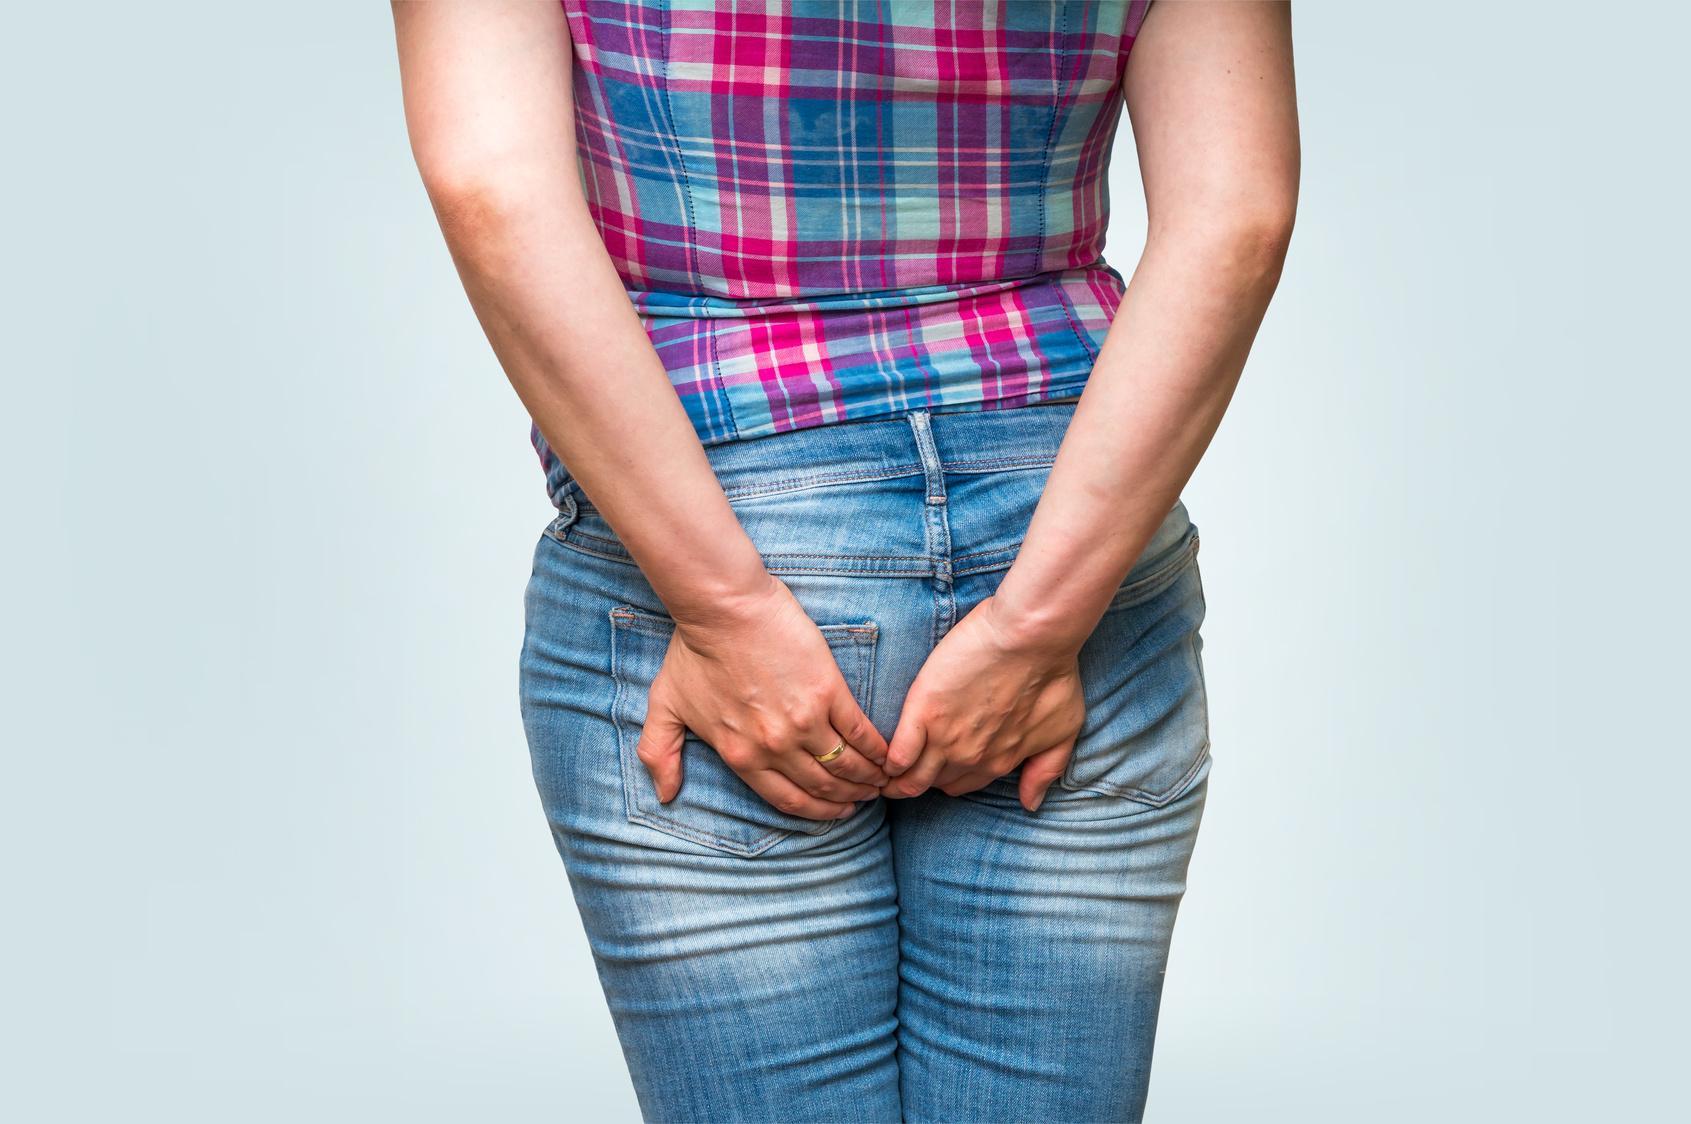 Причины, симптомы и лечение геморроя у женщин